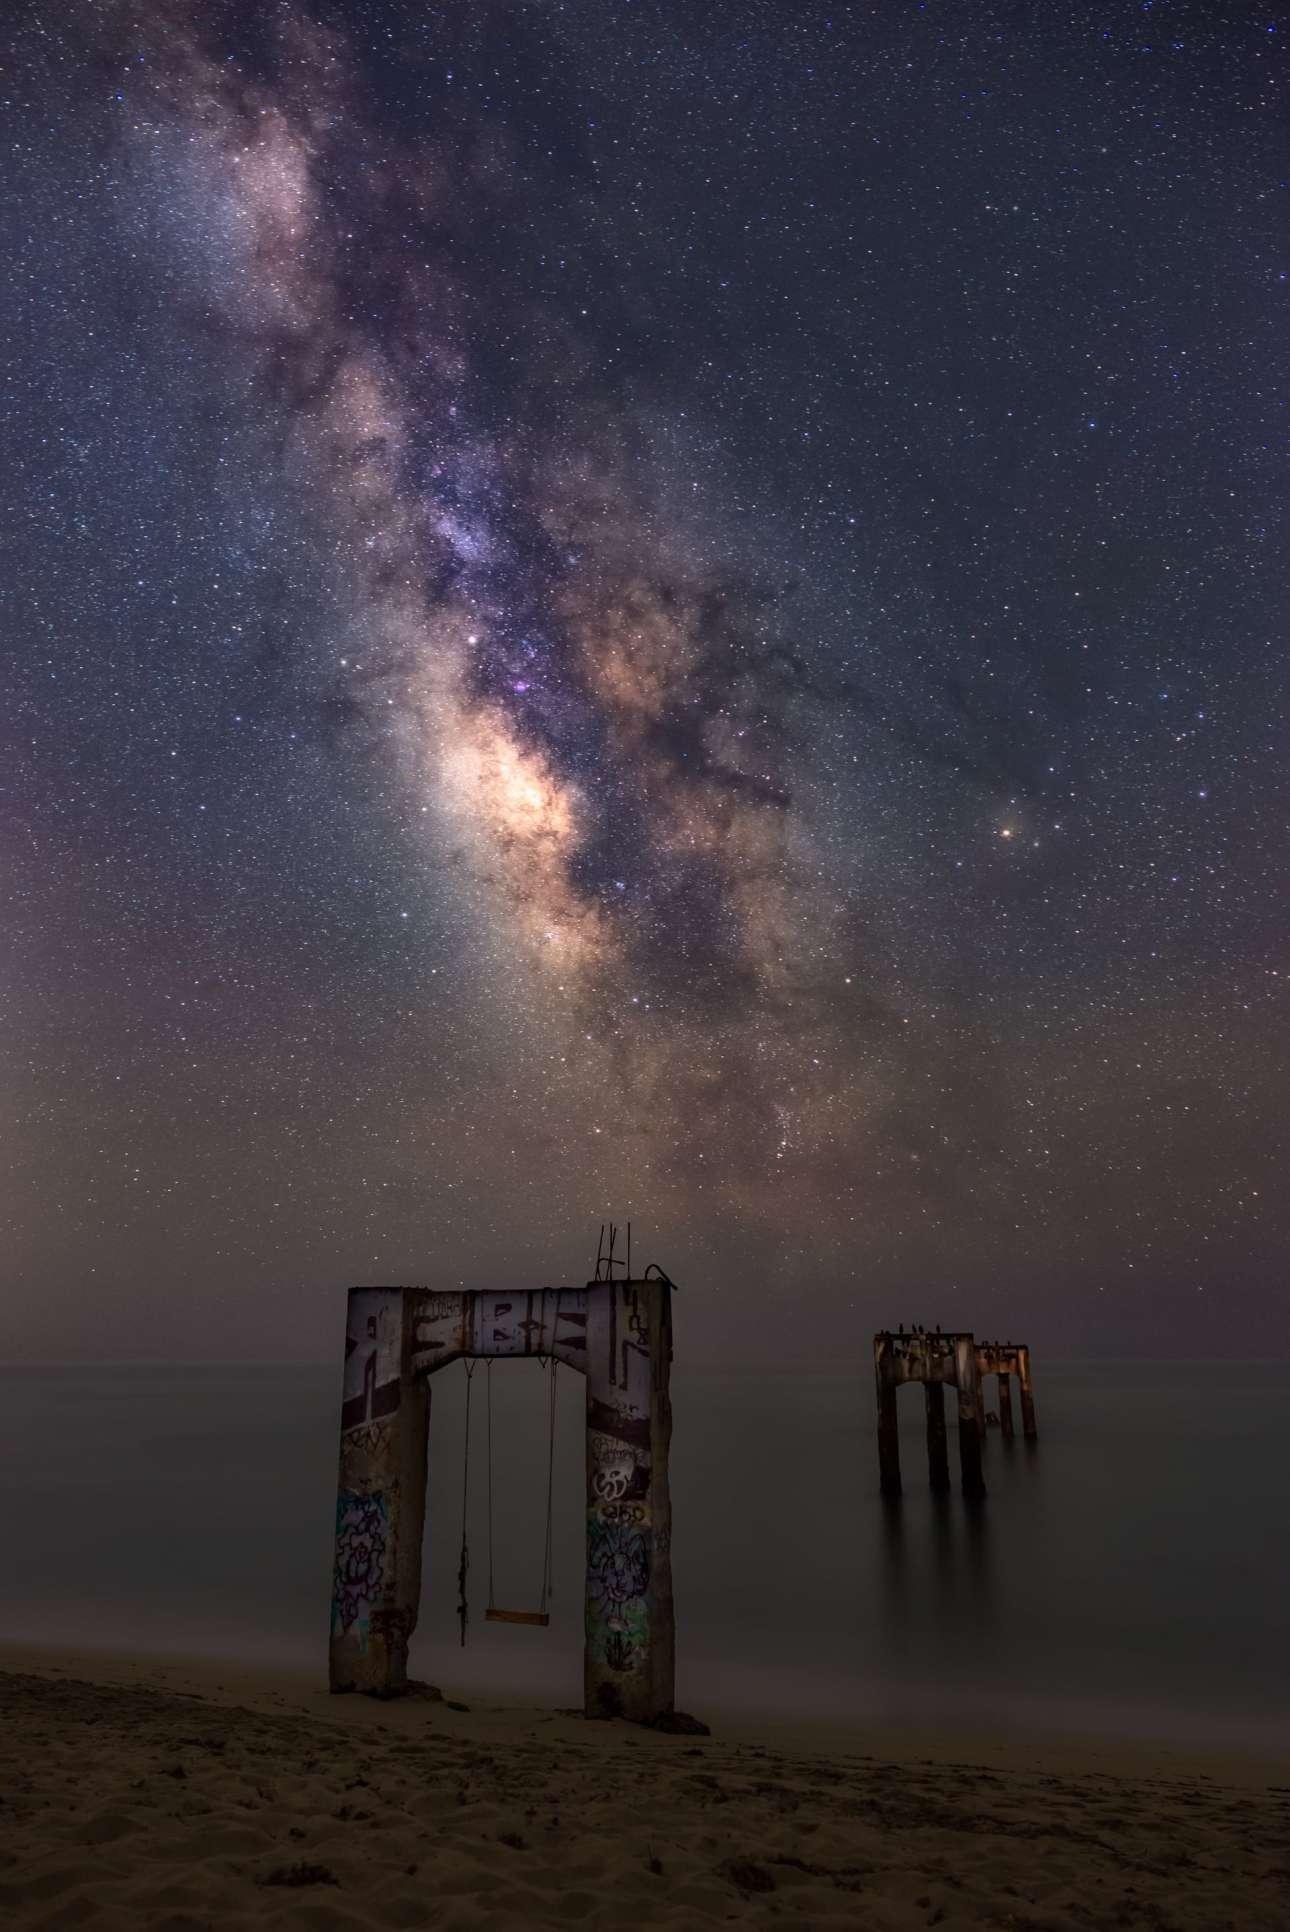 To κέντρο του γαλαξία μας λάμπει πάνω από την κατεστραμμένη πλατφόρμα του Ντάβενπορτ στις ΗΠΑ. Η πλατφόρμα χτίστηκε τον 19ο αιώνα για να μεταφέρεται ξυλεία προς την περιοχή του Σαν Φρανσίσκο αλλά αργότερα η διαδικασία αυτή σταμάτησε, η πλατφόρμα εγκαταλείφθηκε και έχουν απομείνει μόνο τα στηρίγματα της